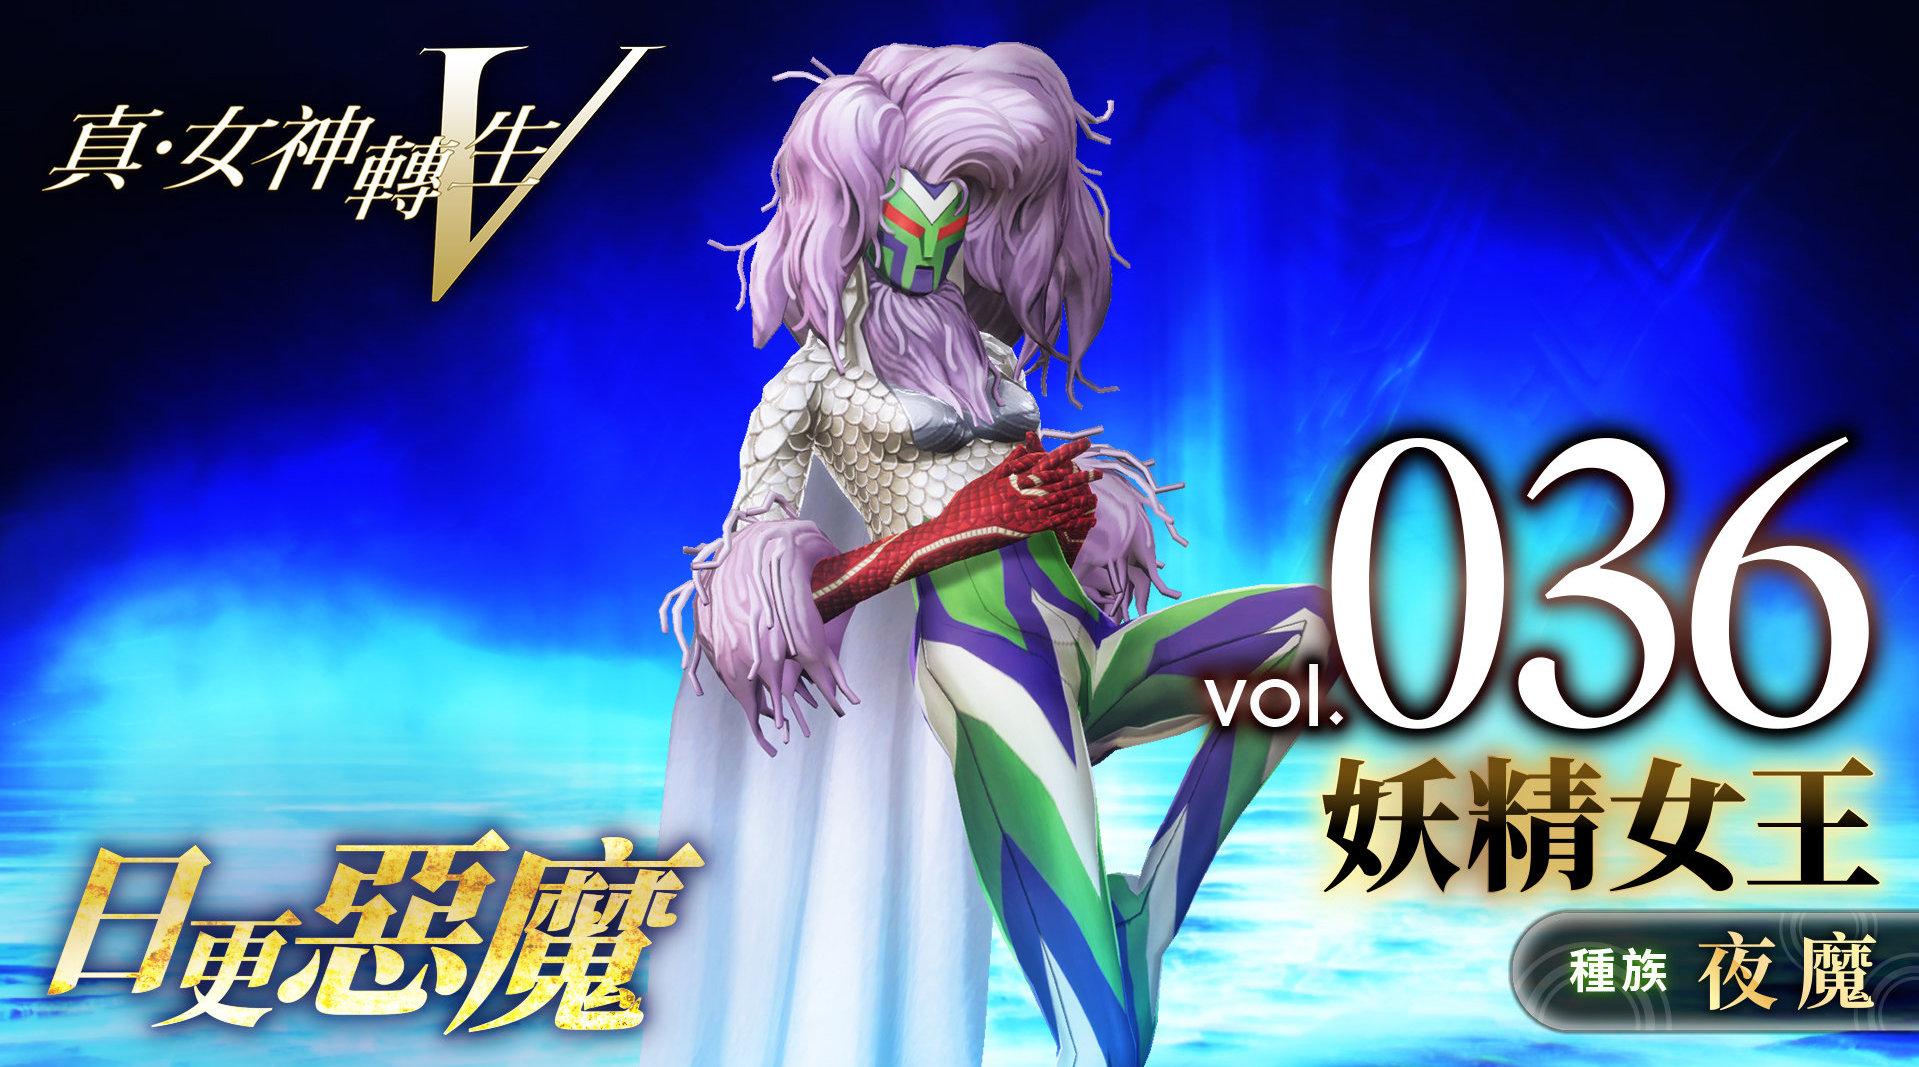 《真女神转生5》恶魔介绍:凯尔特梦魇妖精女王